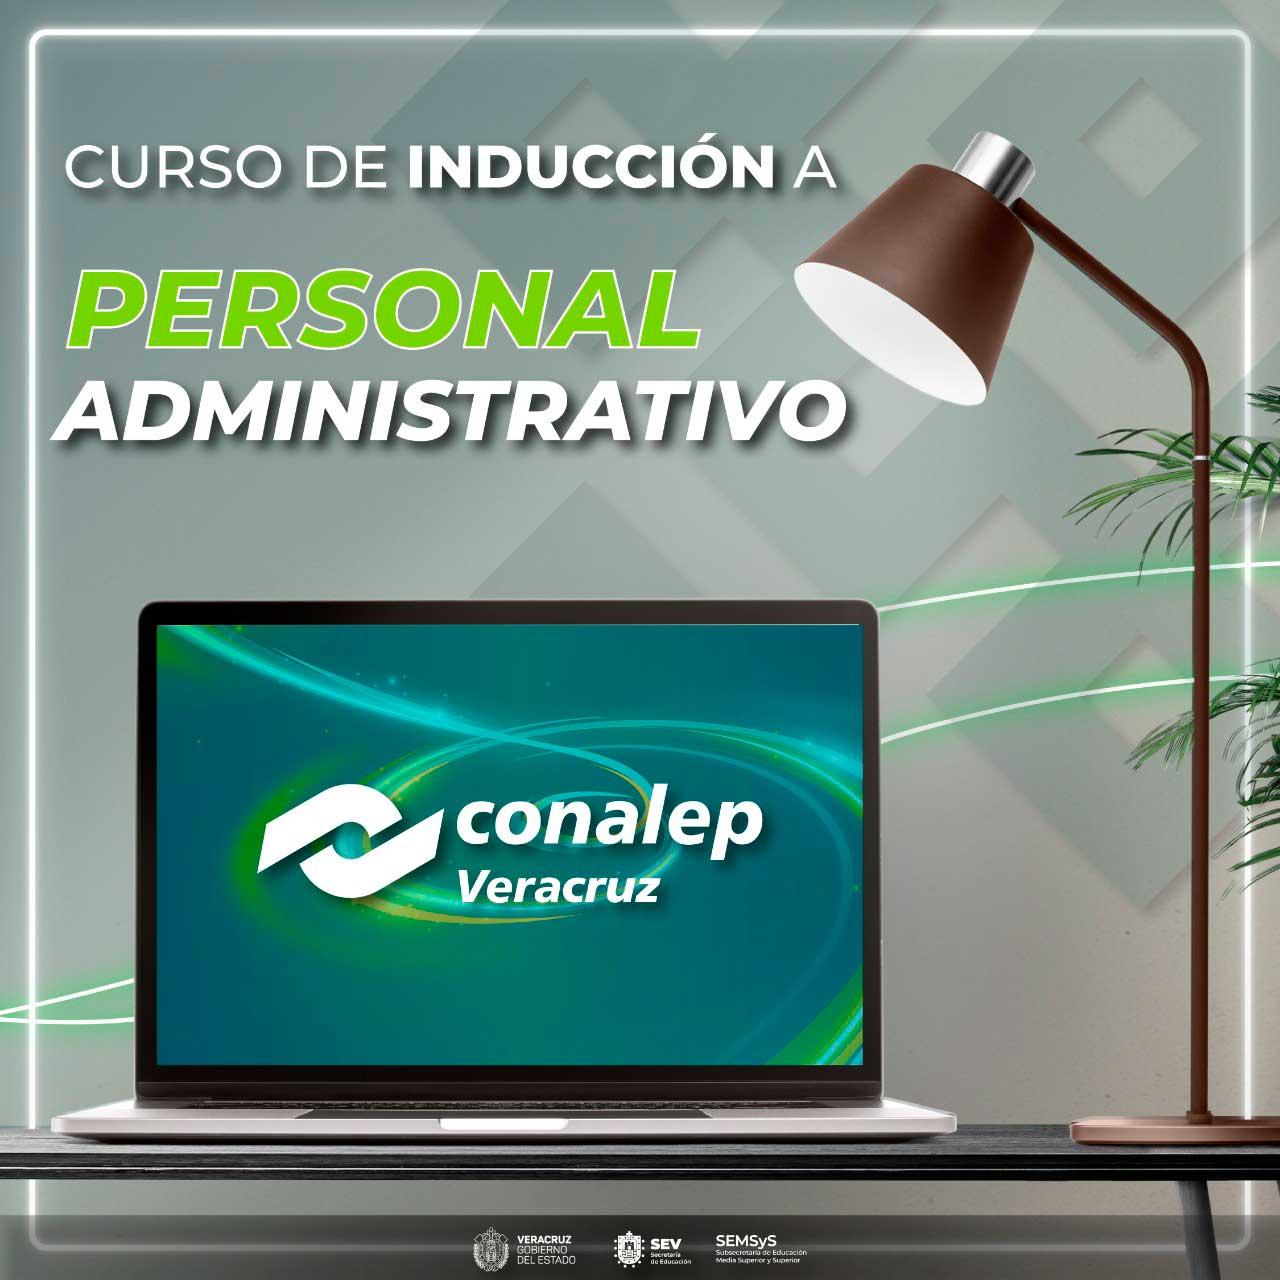 CURSO DE INDUCCIÓN A PERSONAL ADMINISTRATIVO DEL CONALEP VERACRUZ